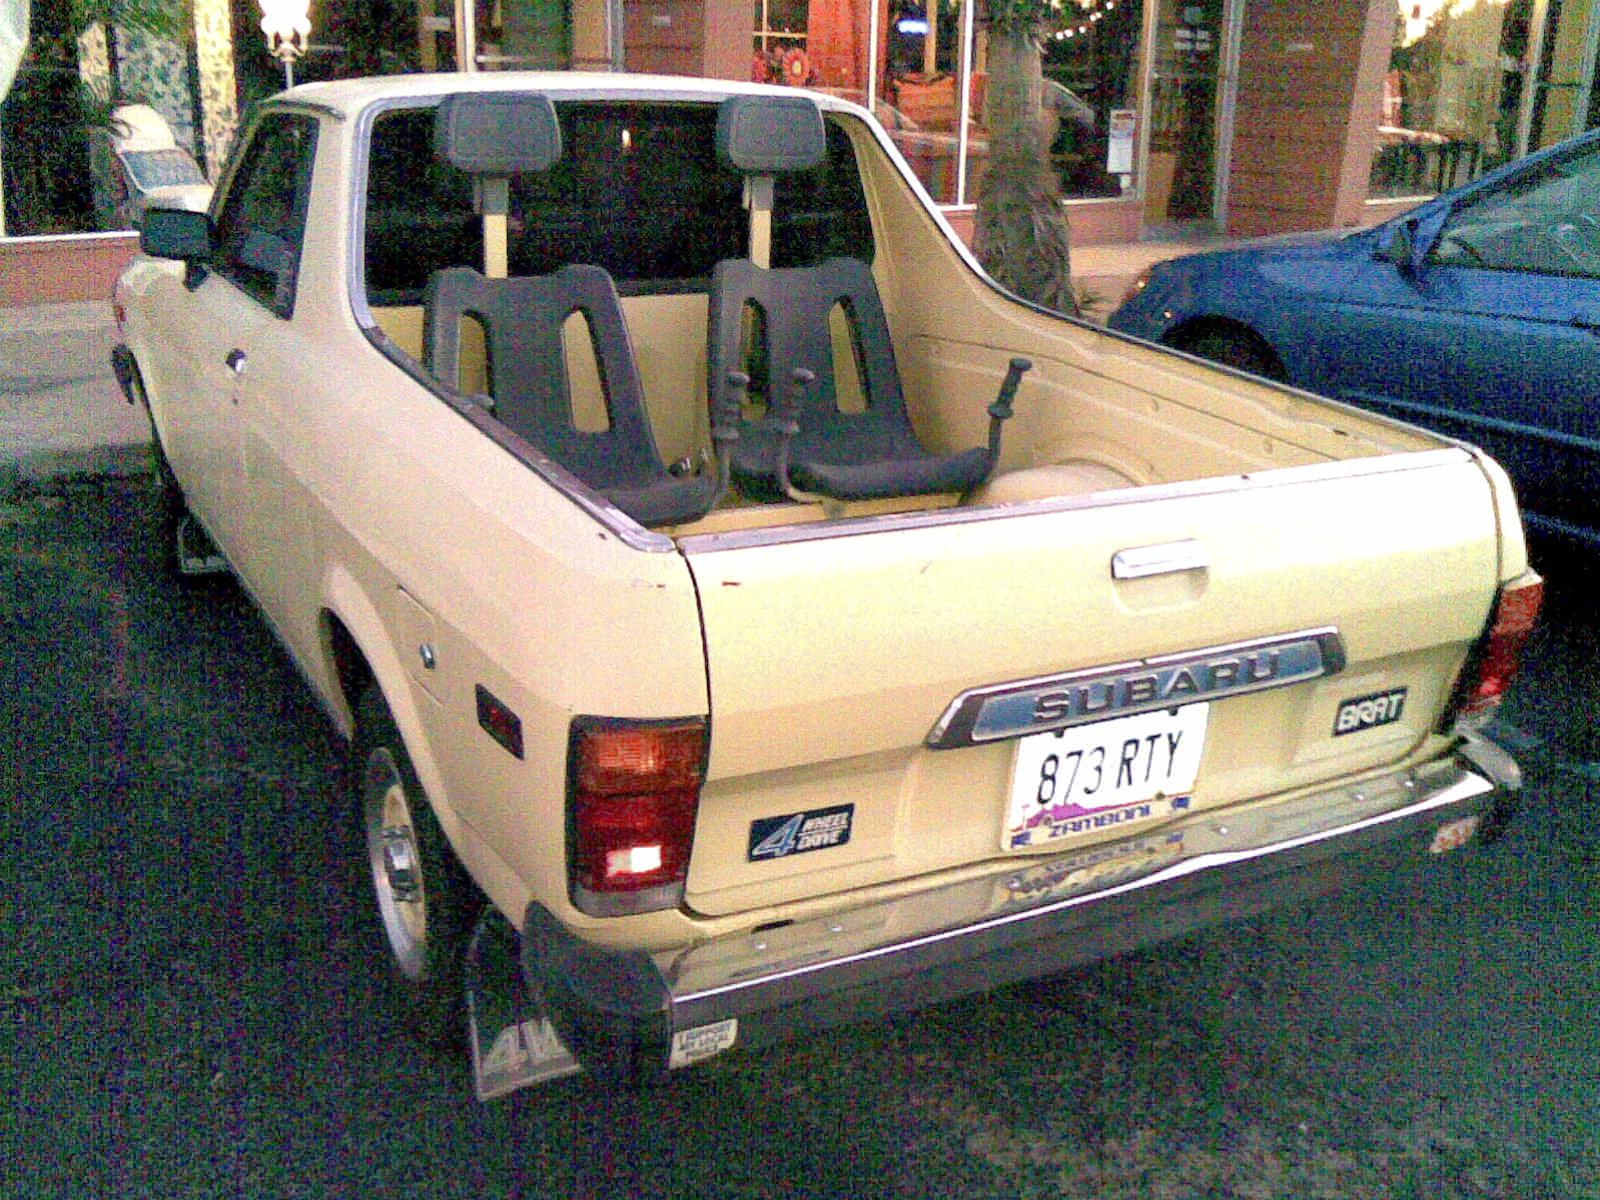 Subaru_Brat%2C_rear_left_%28Arizona%29.jpg